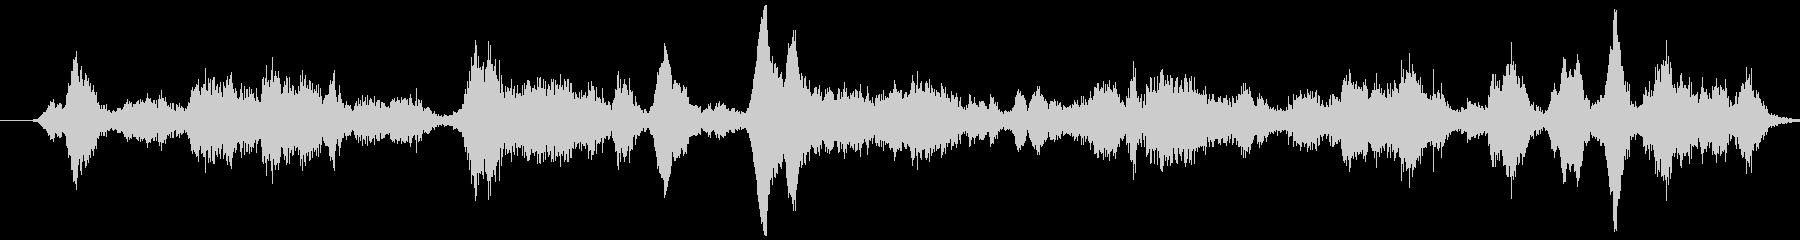 大型軽金属ホイール:重いキーキー音...の未再生の波形